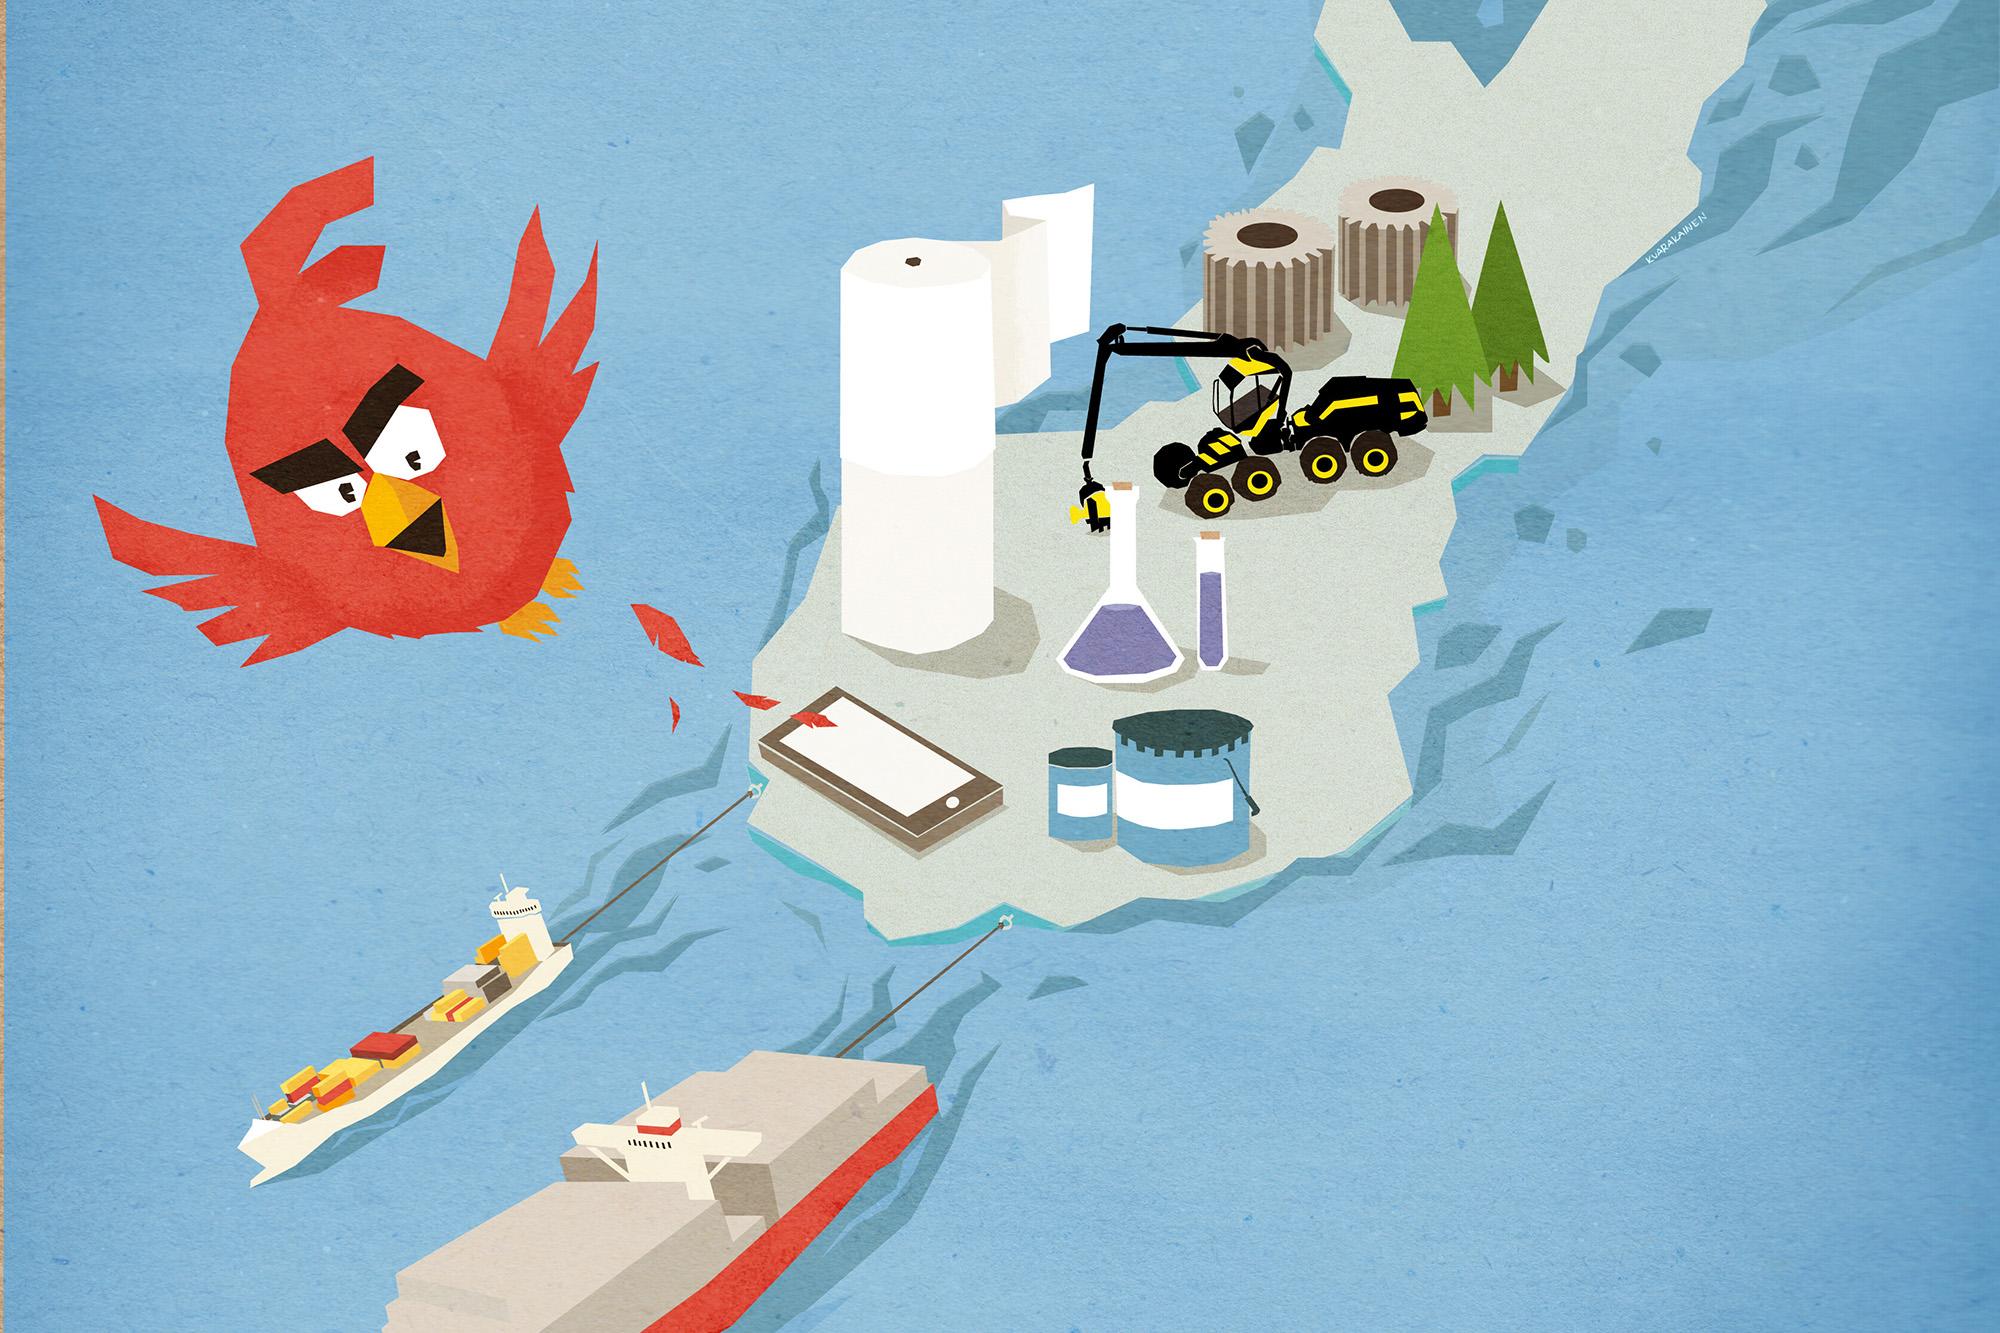 Angry Birds lentää pois Suomen kartalla